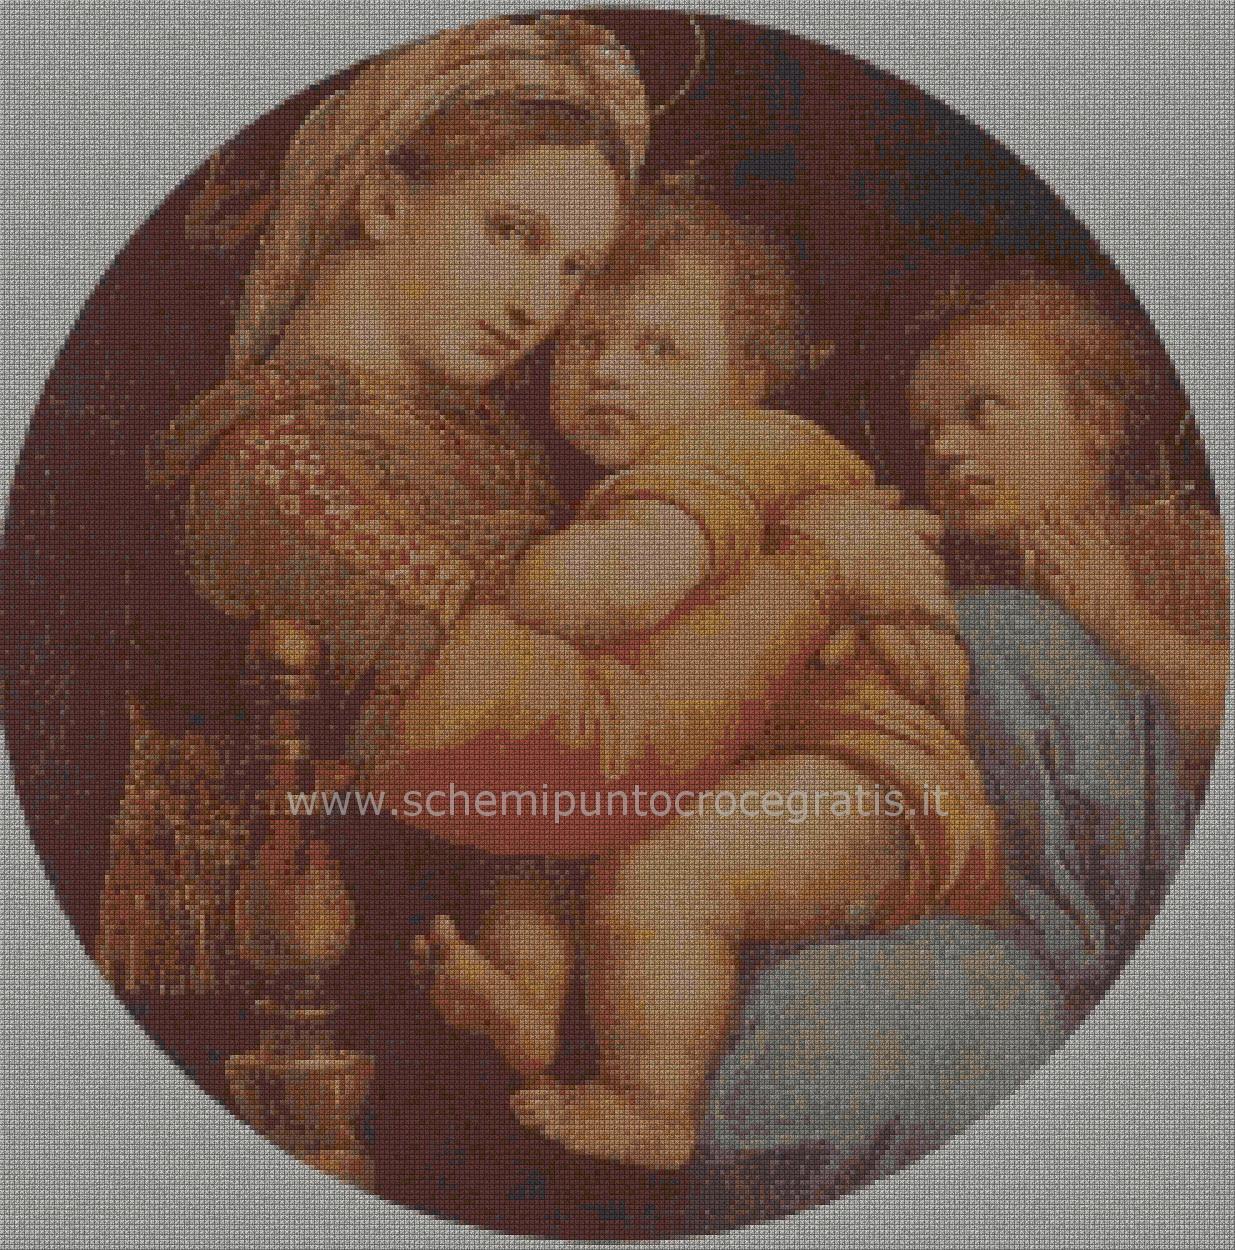 pittori_classici/raffaello/Raffaello06.jpg